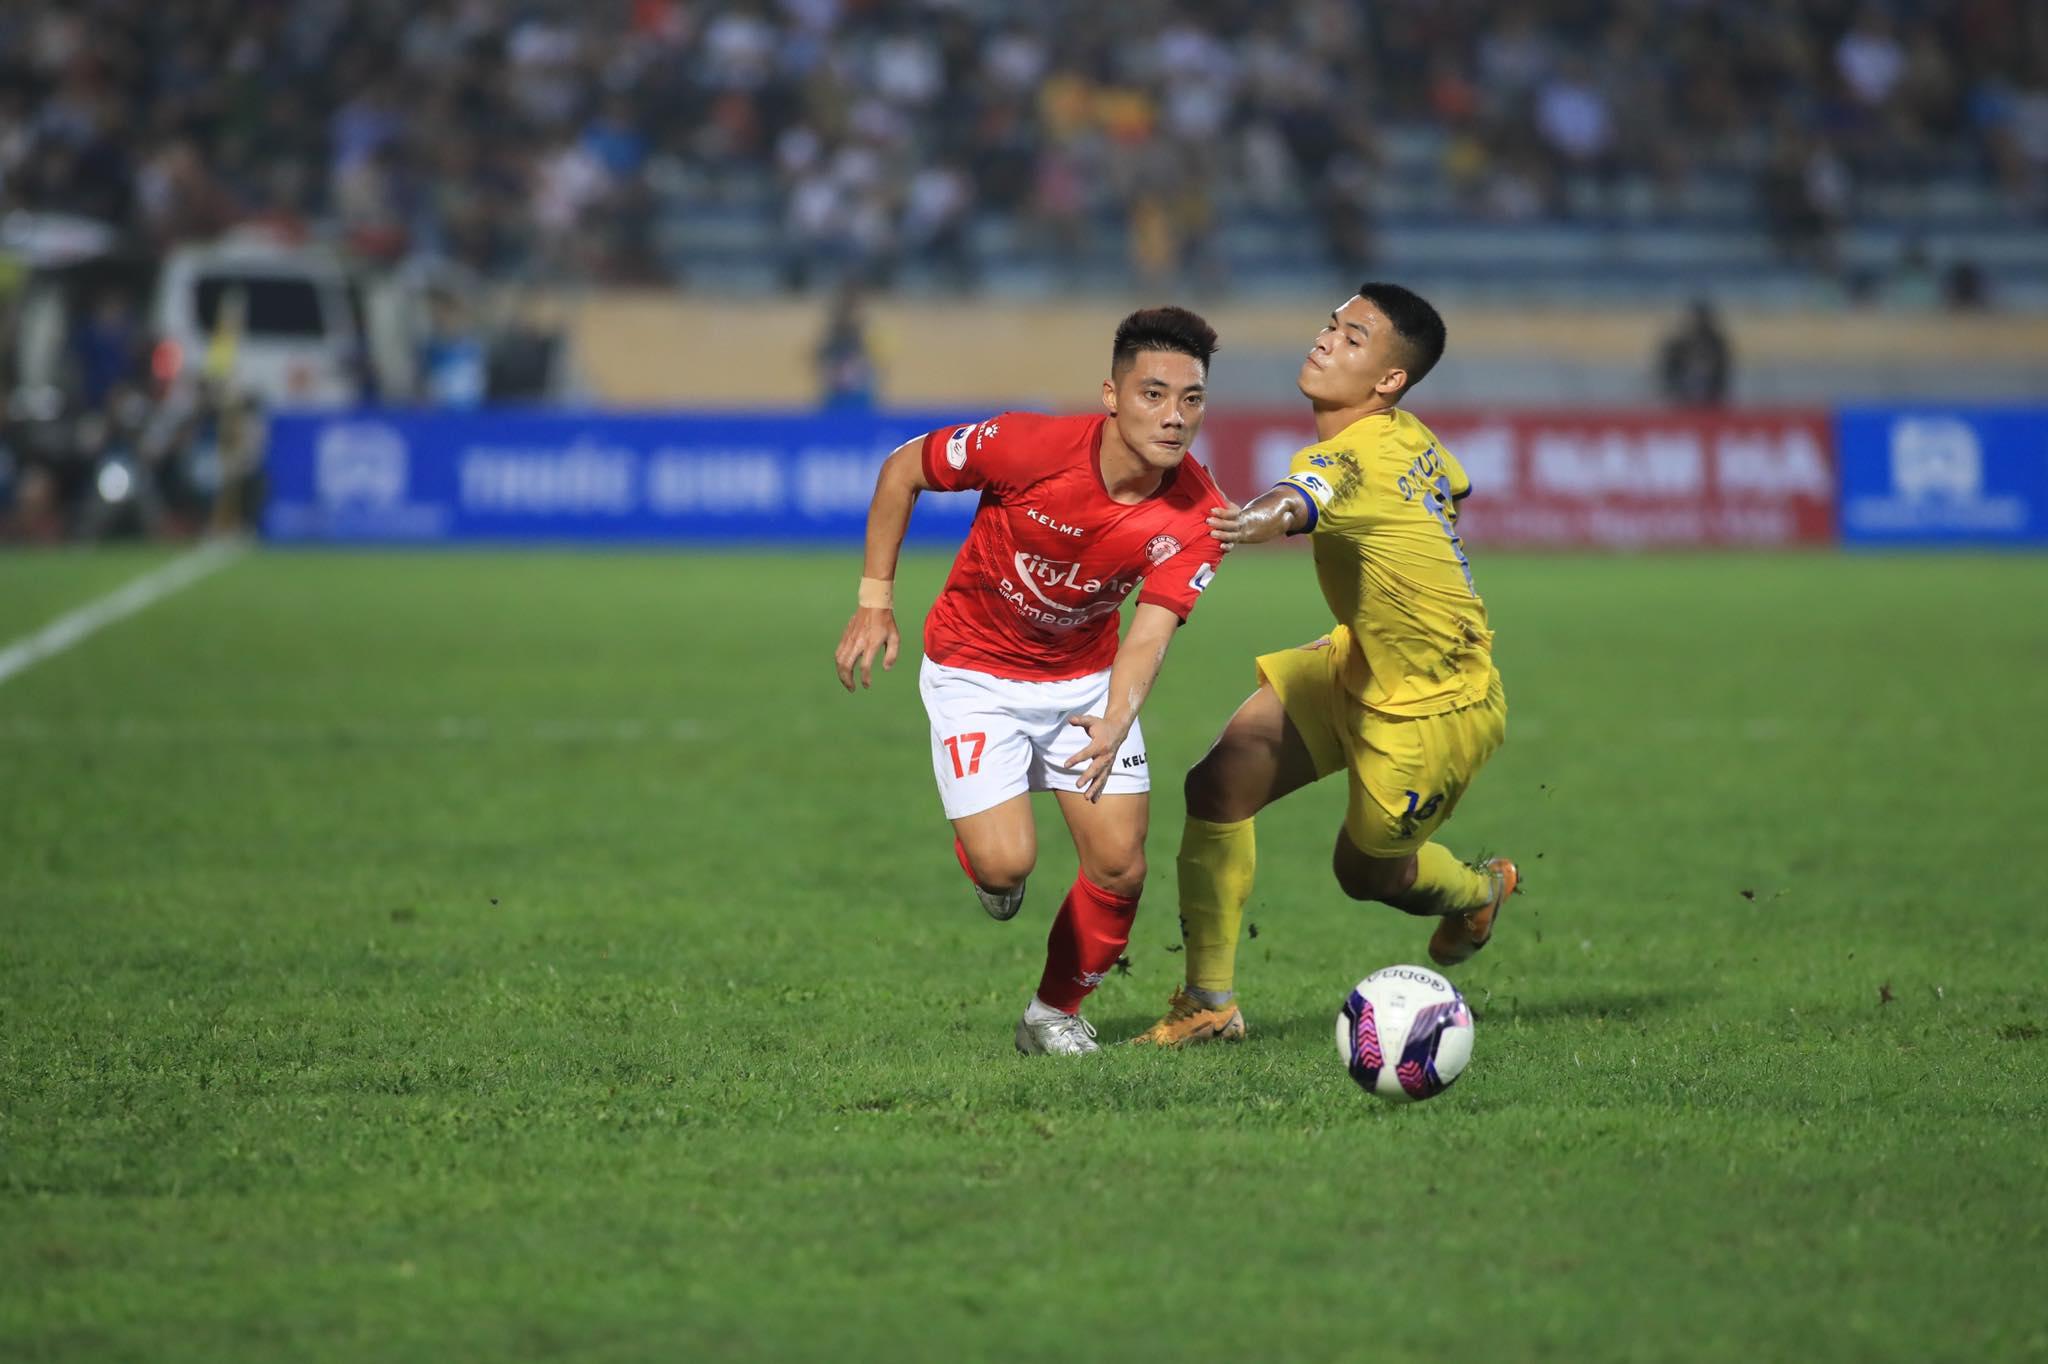 Lâm Ti Phông lập cú đúp cho TP.HCM - Ảnh: Phan Tùng